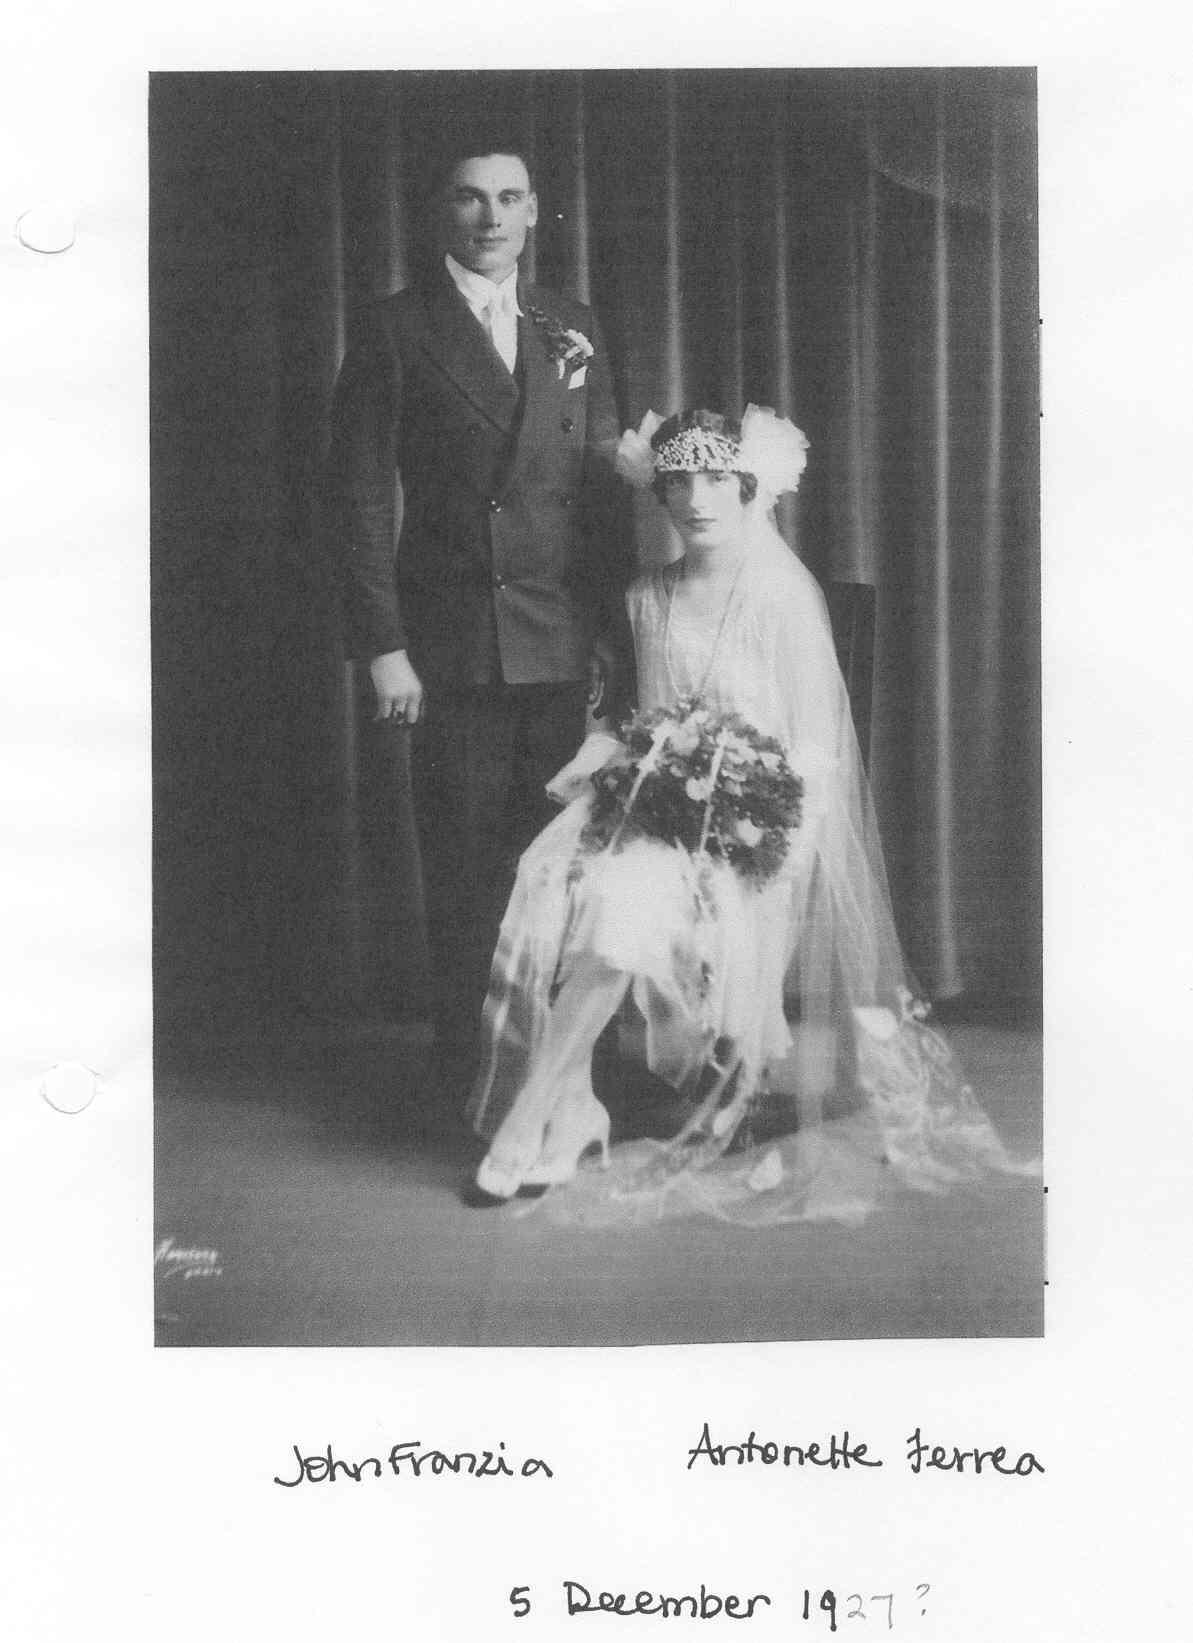 John Franzia, Antonette Ferrea